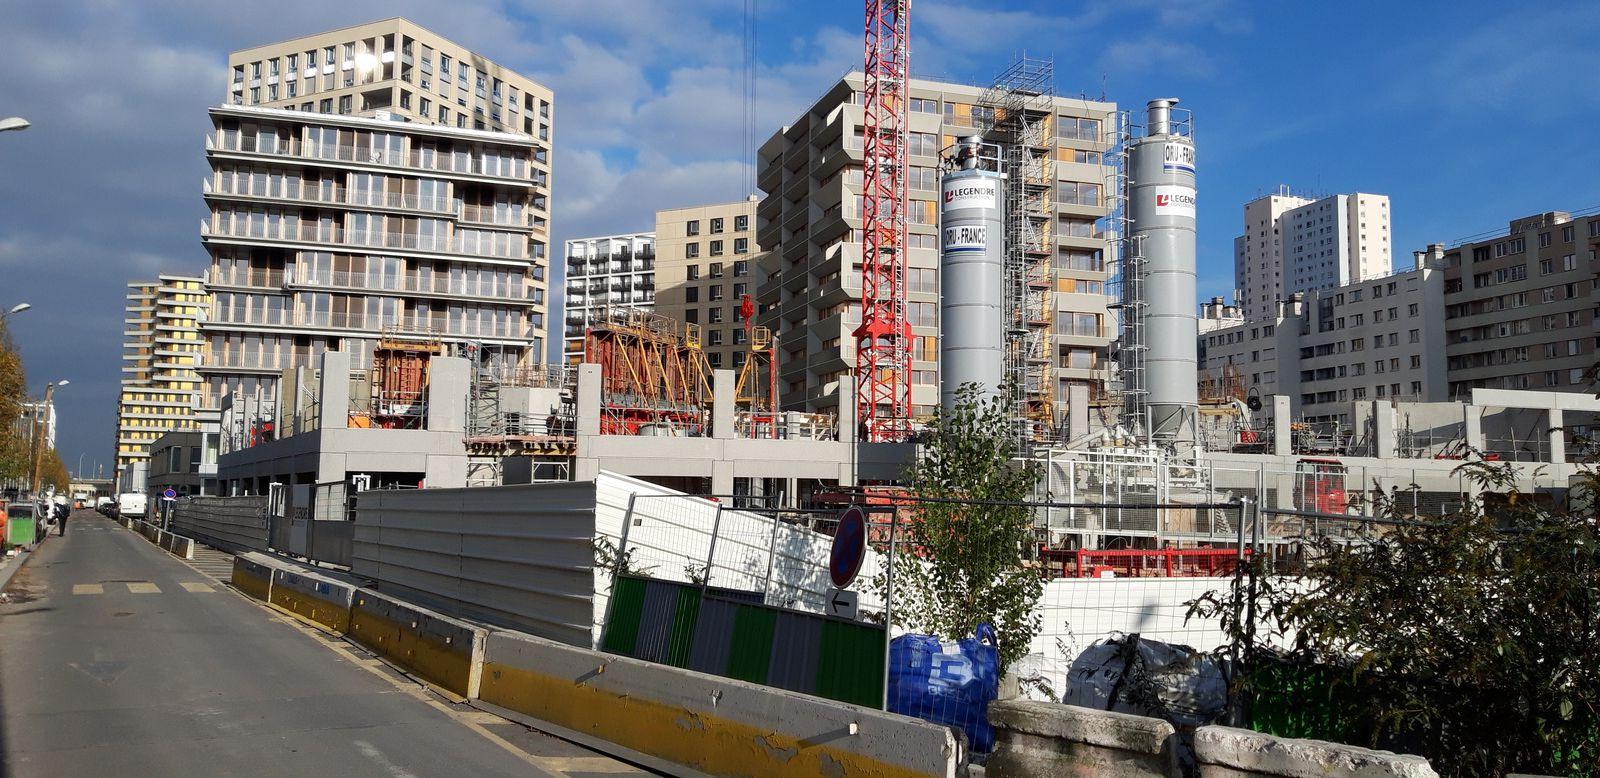 Chapelle International : chantier du lot H (Novembre 2020)  -  Photo ASA PNE